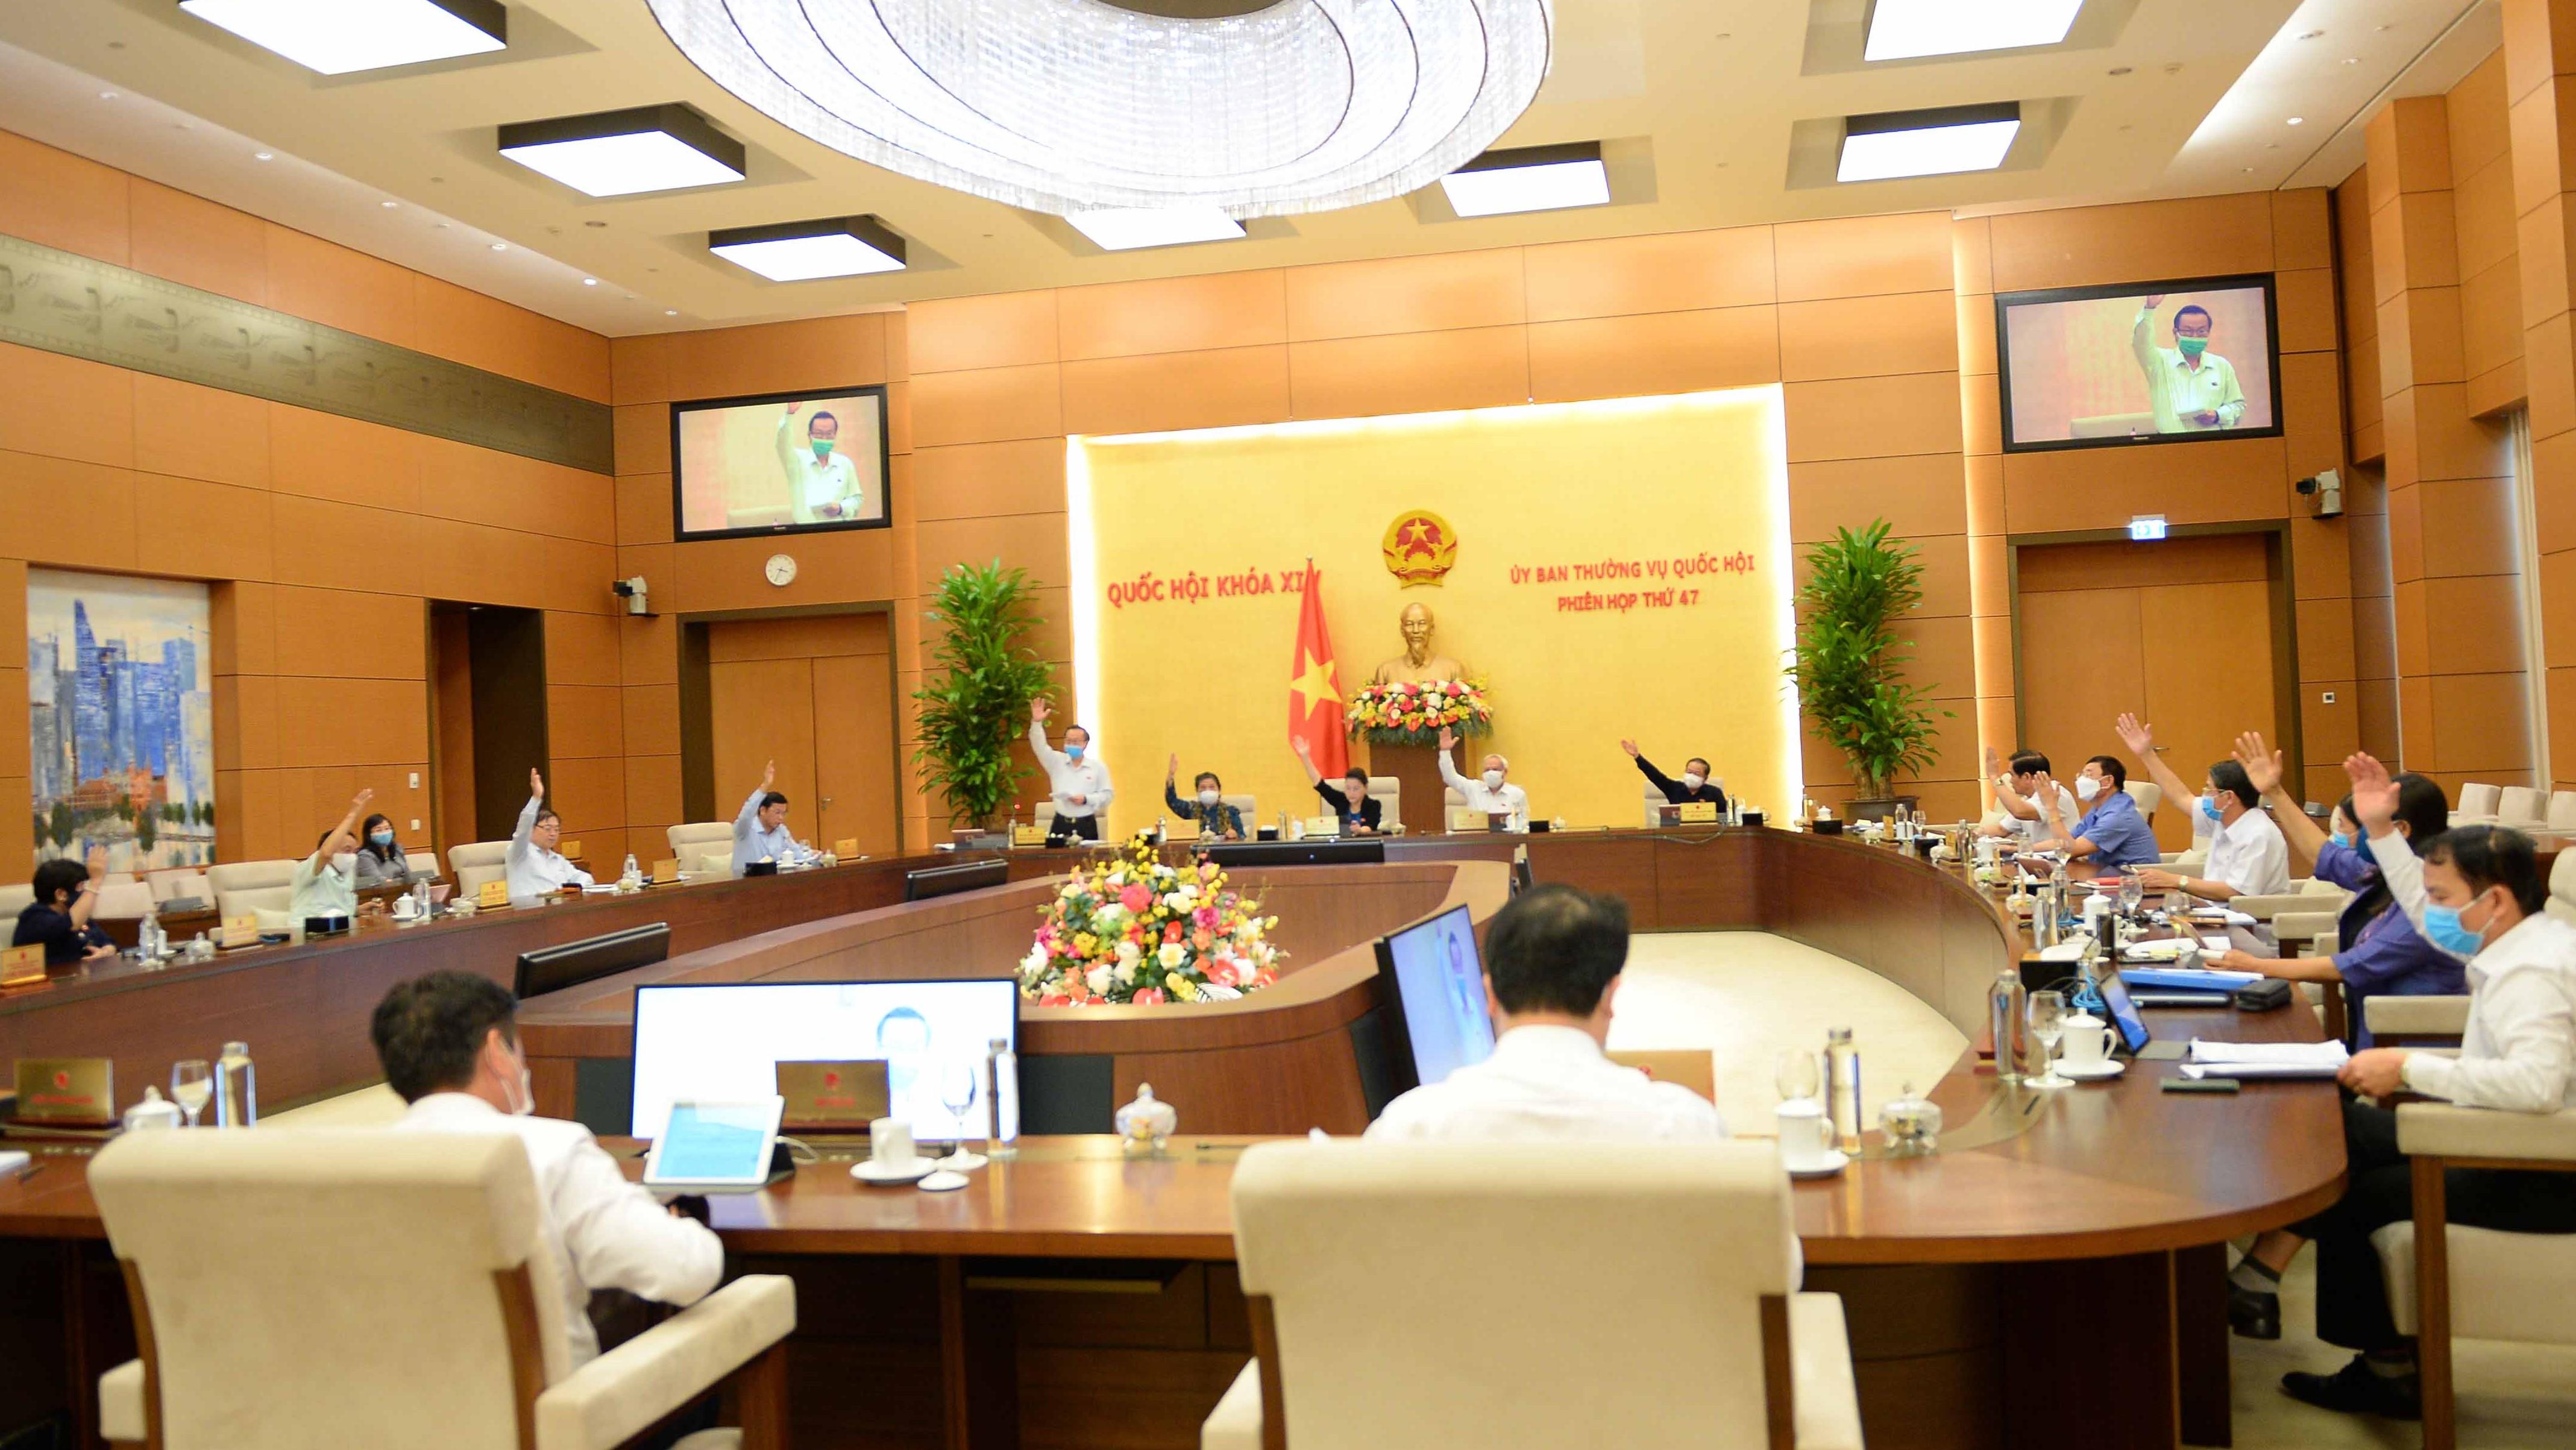 Ủy ban Thường vụ Quốc hội ban hành Chiến lược phát triển Kiểm toán Nhà nước đến năm 2030